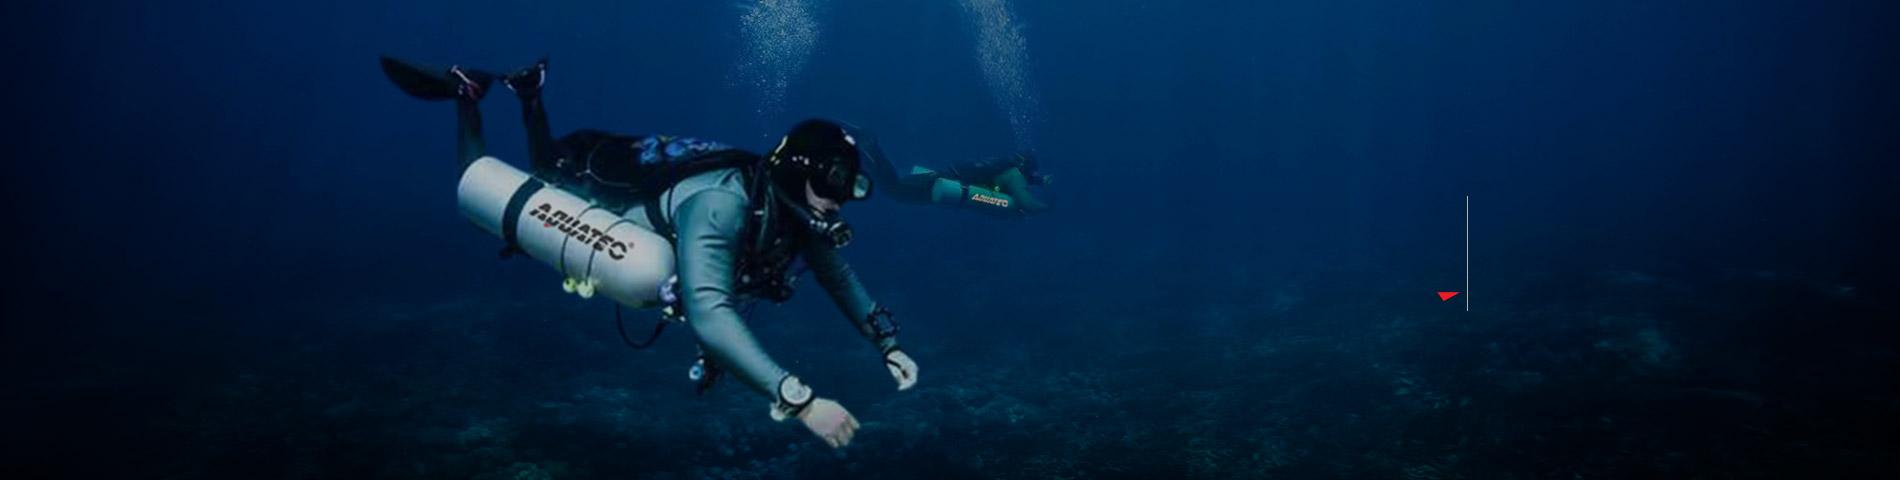 アクアテック 職業ダイビング機器製造